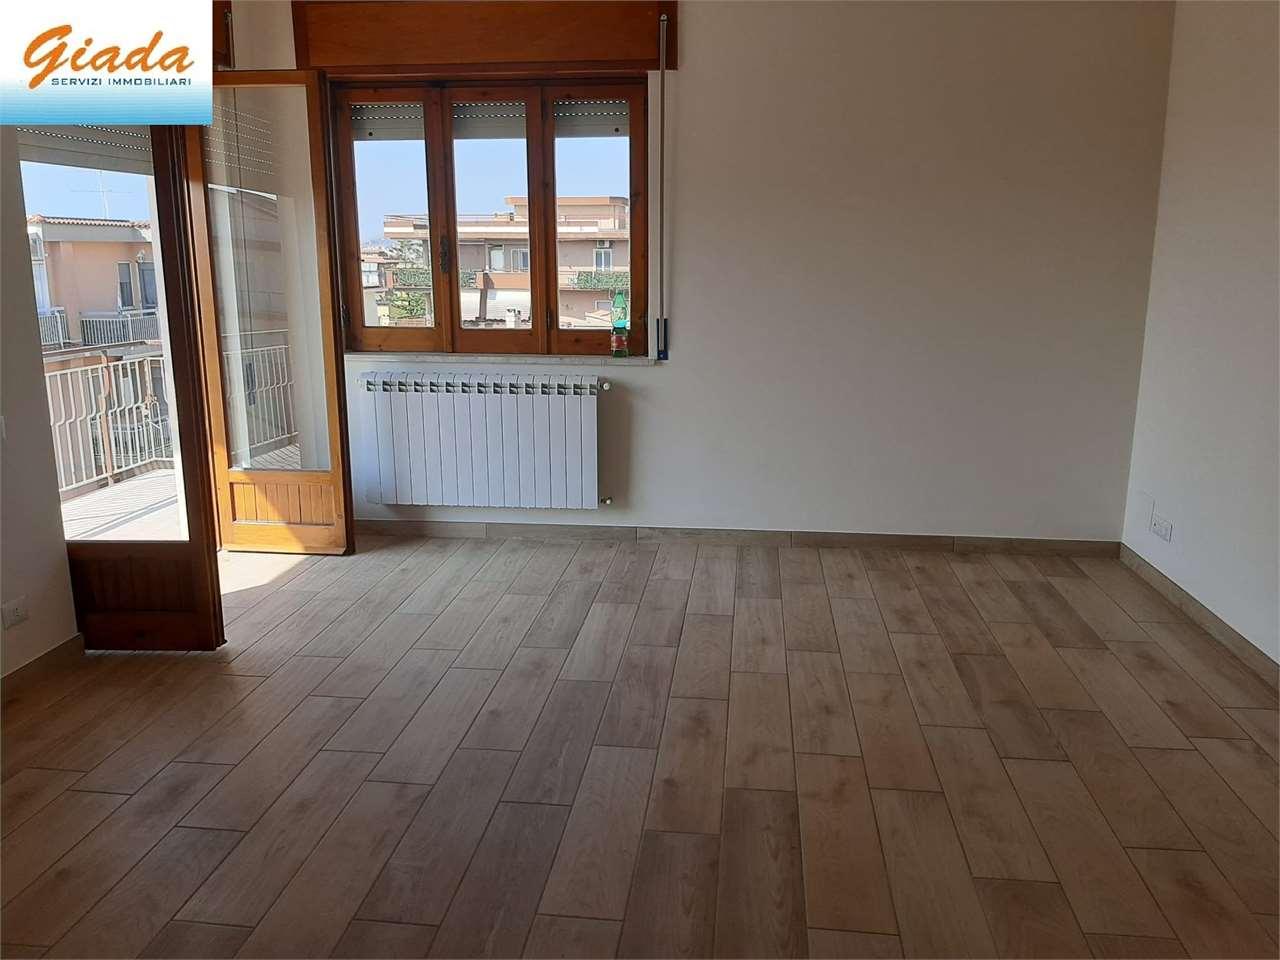 Appartamento in affitto a Formia, 4 locali, prezzo € 750   CambioCasa.it